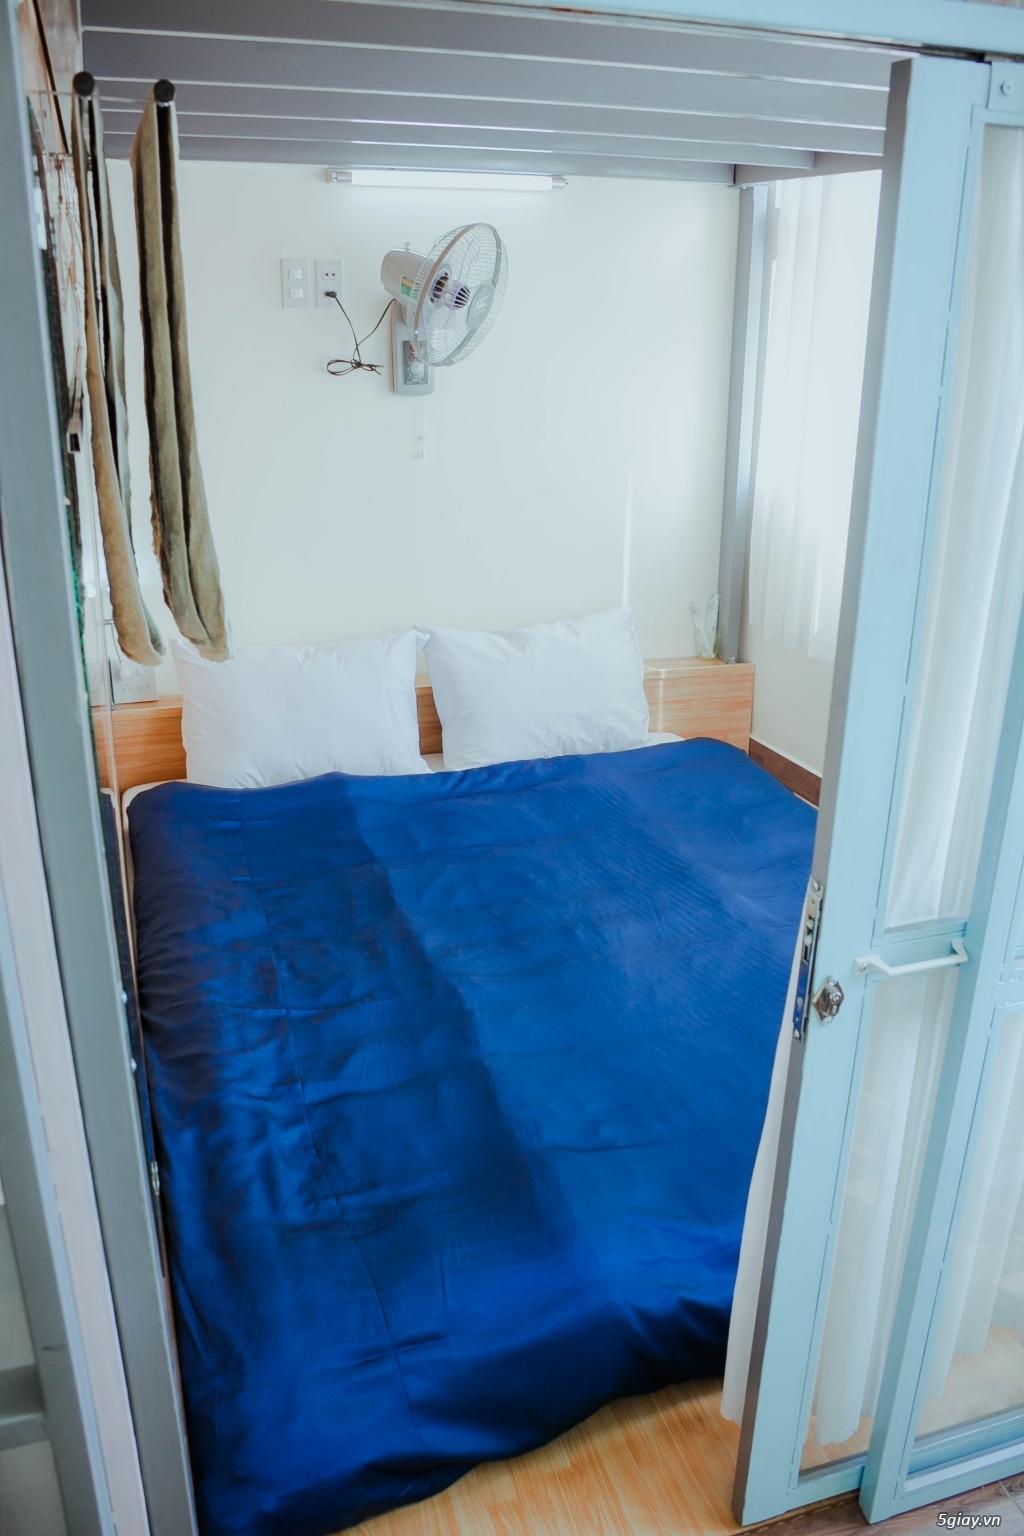 Home1988 - Nhà cho thuê theo phòng nghỉ dưỡng ngắn hạn Đà Lạt - 2